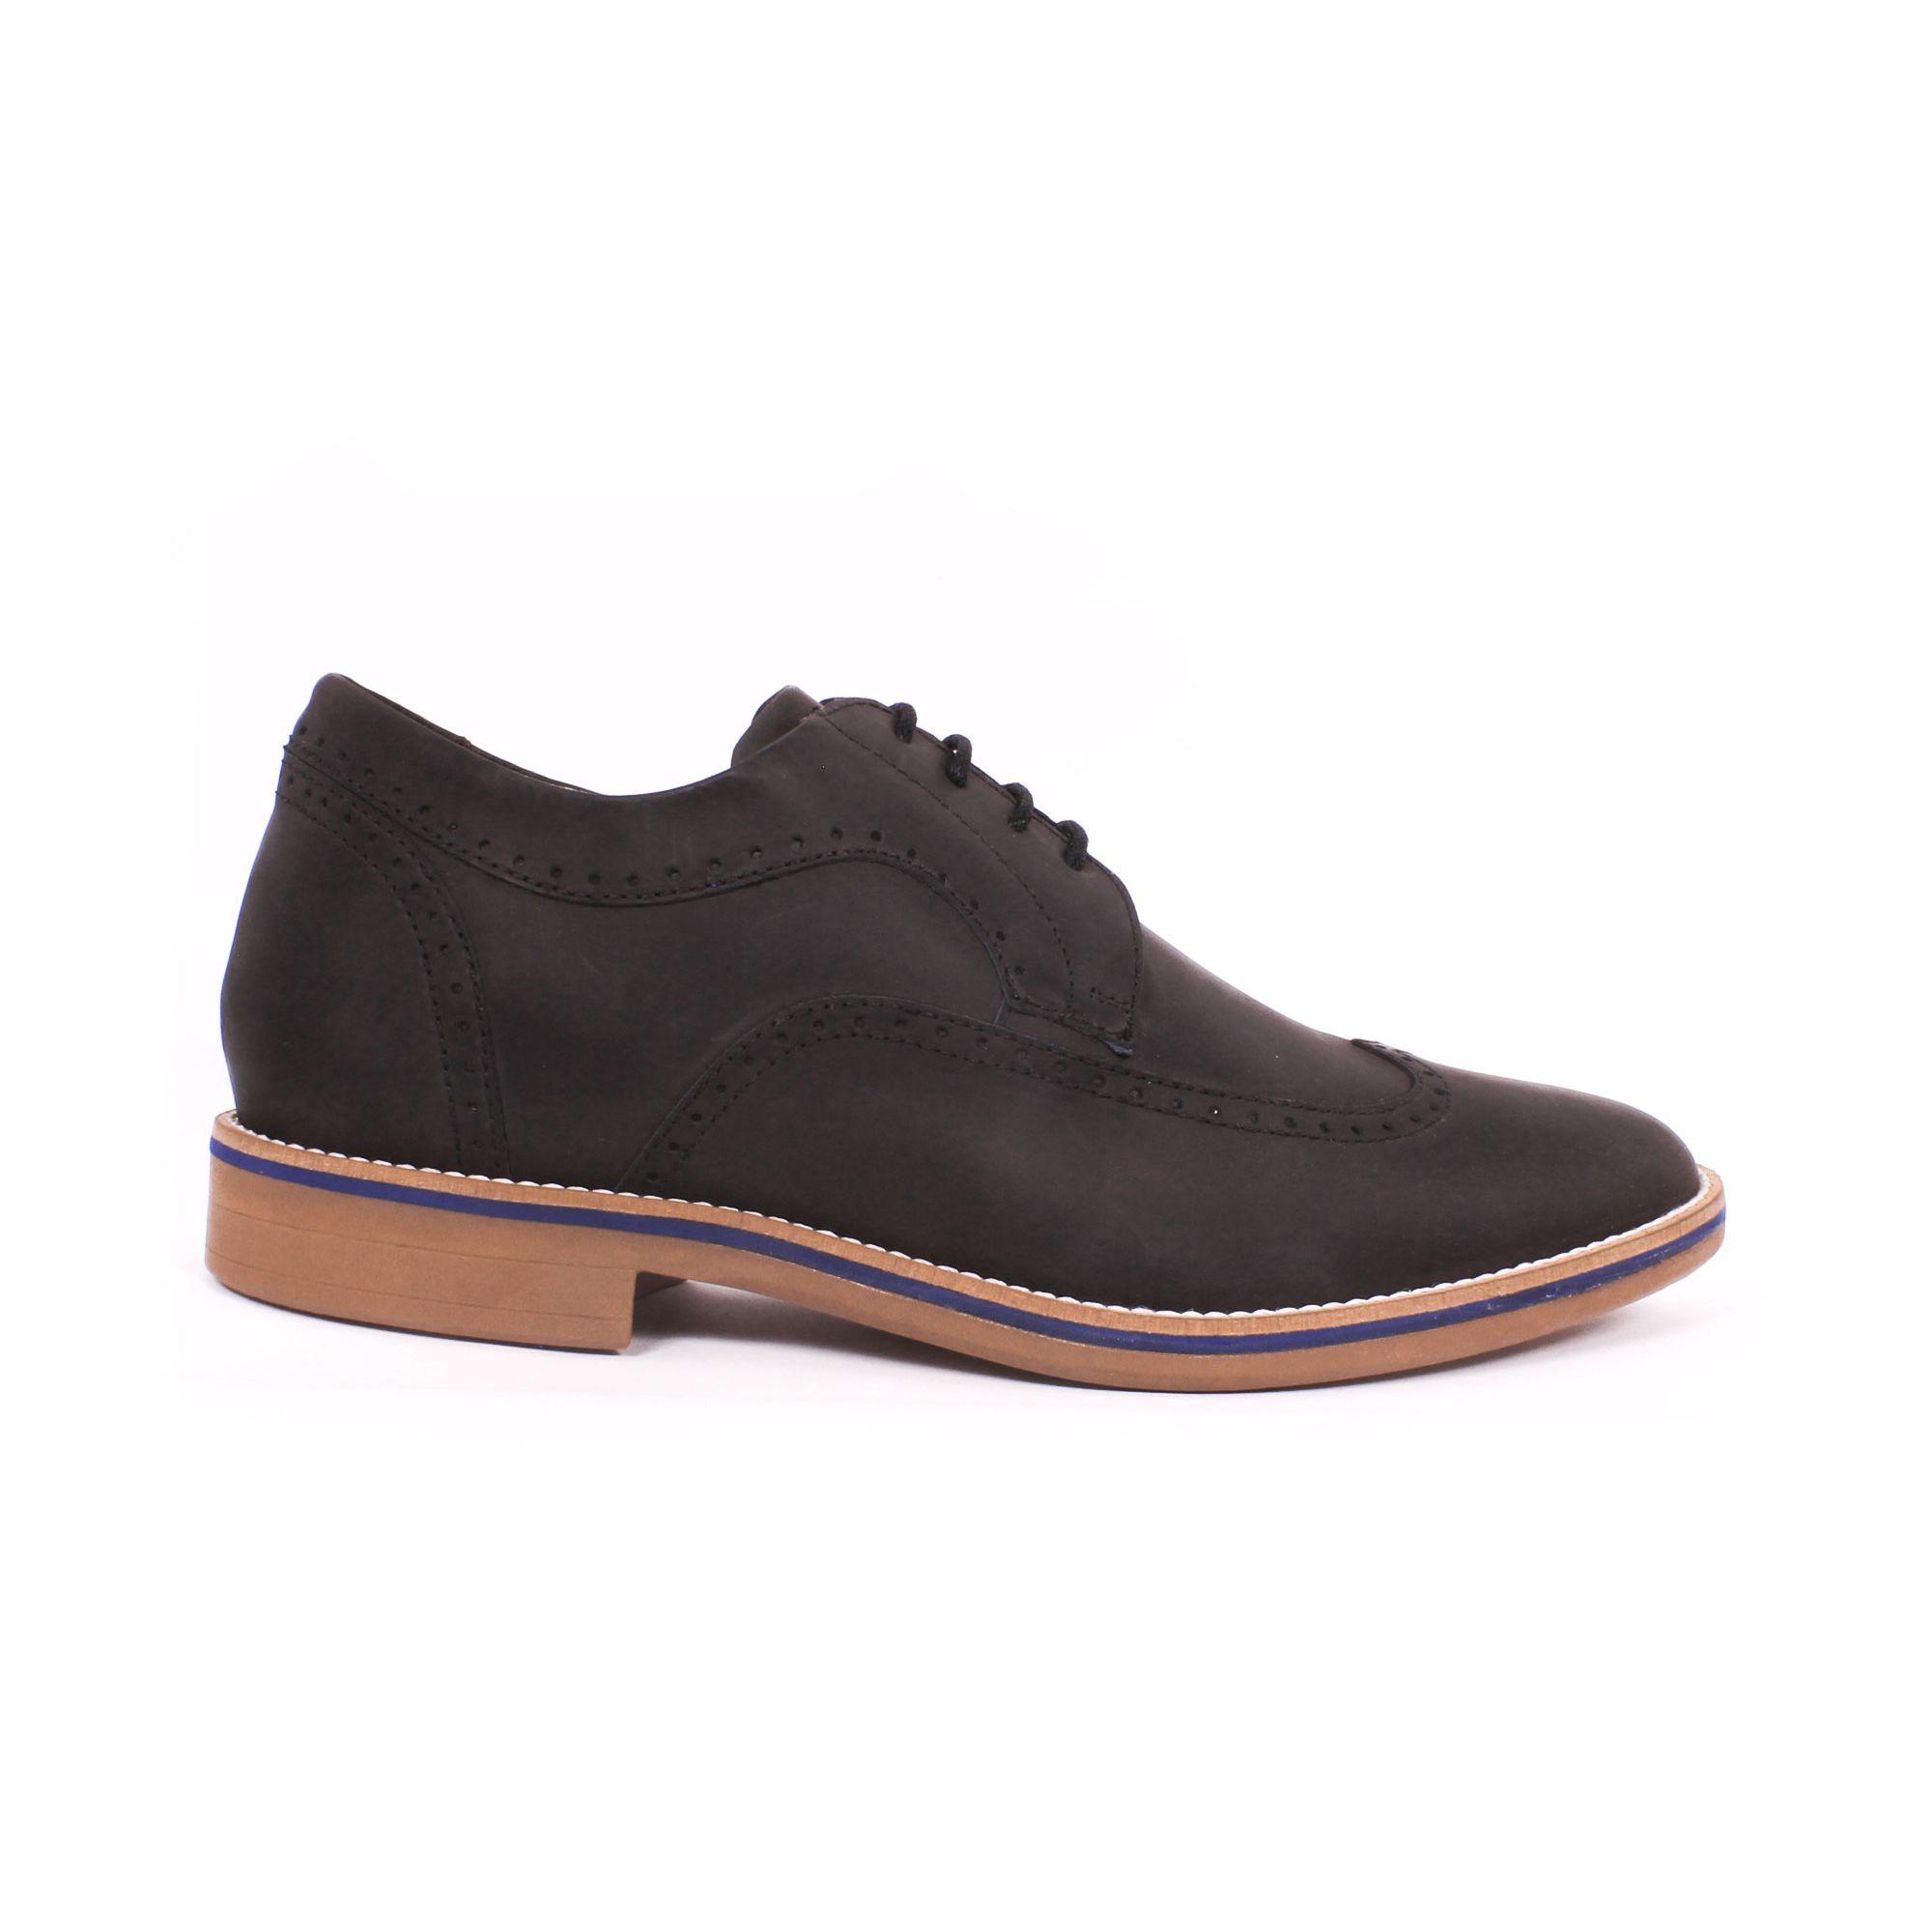 Zapato Casual Oxford Negro Max Denegri +7cm de Altura_70896